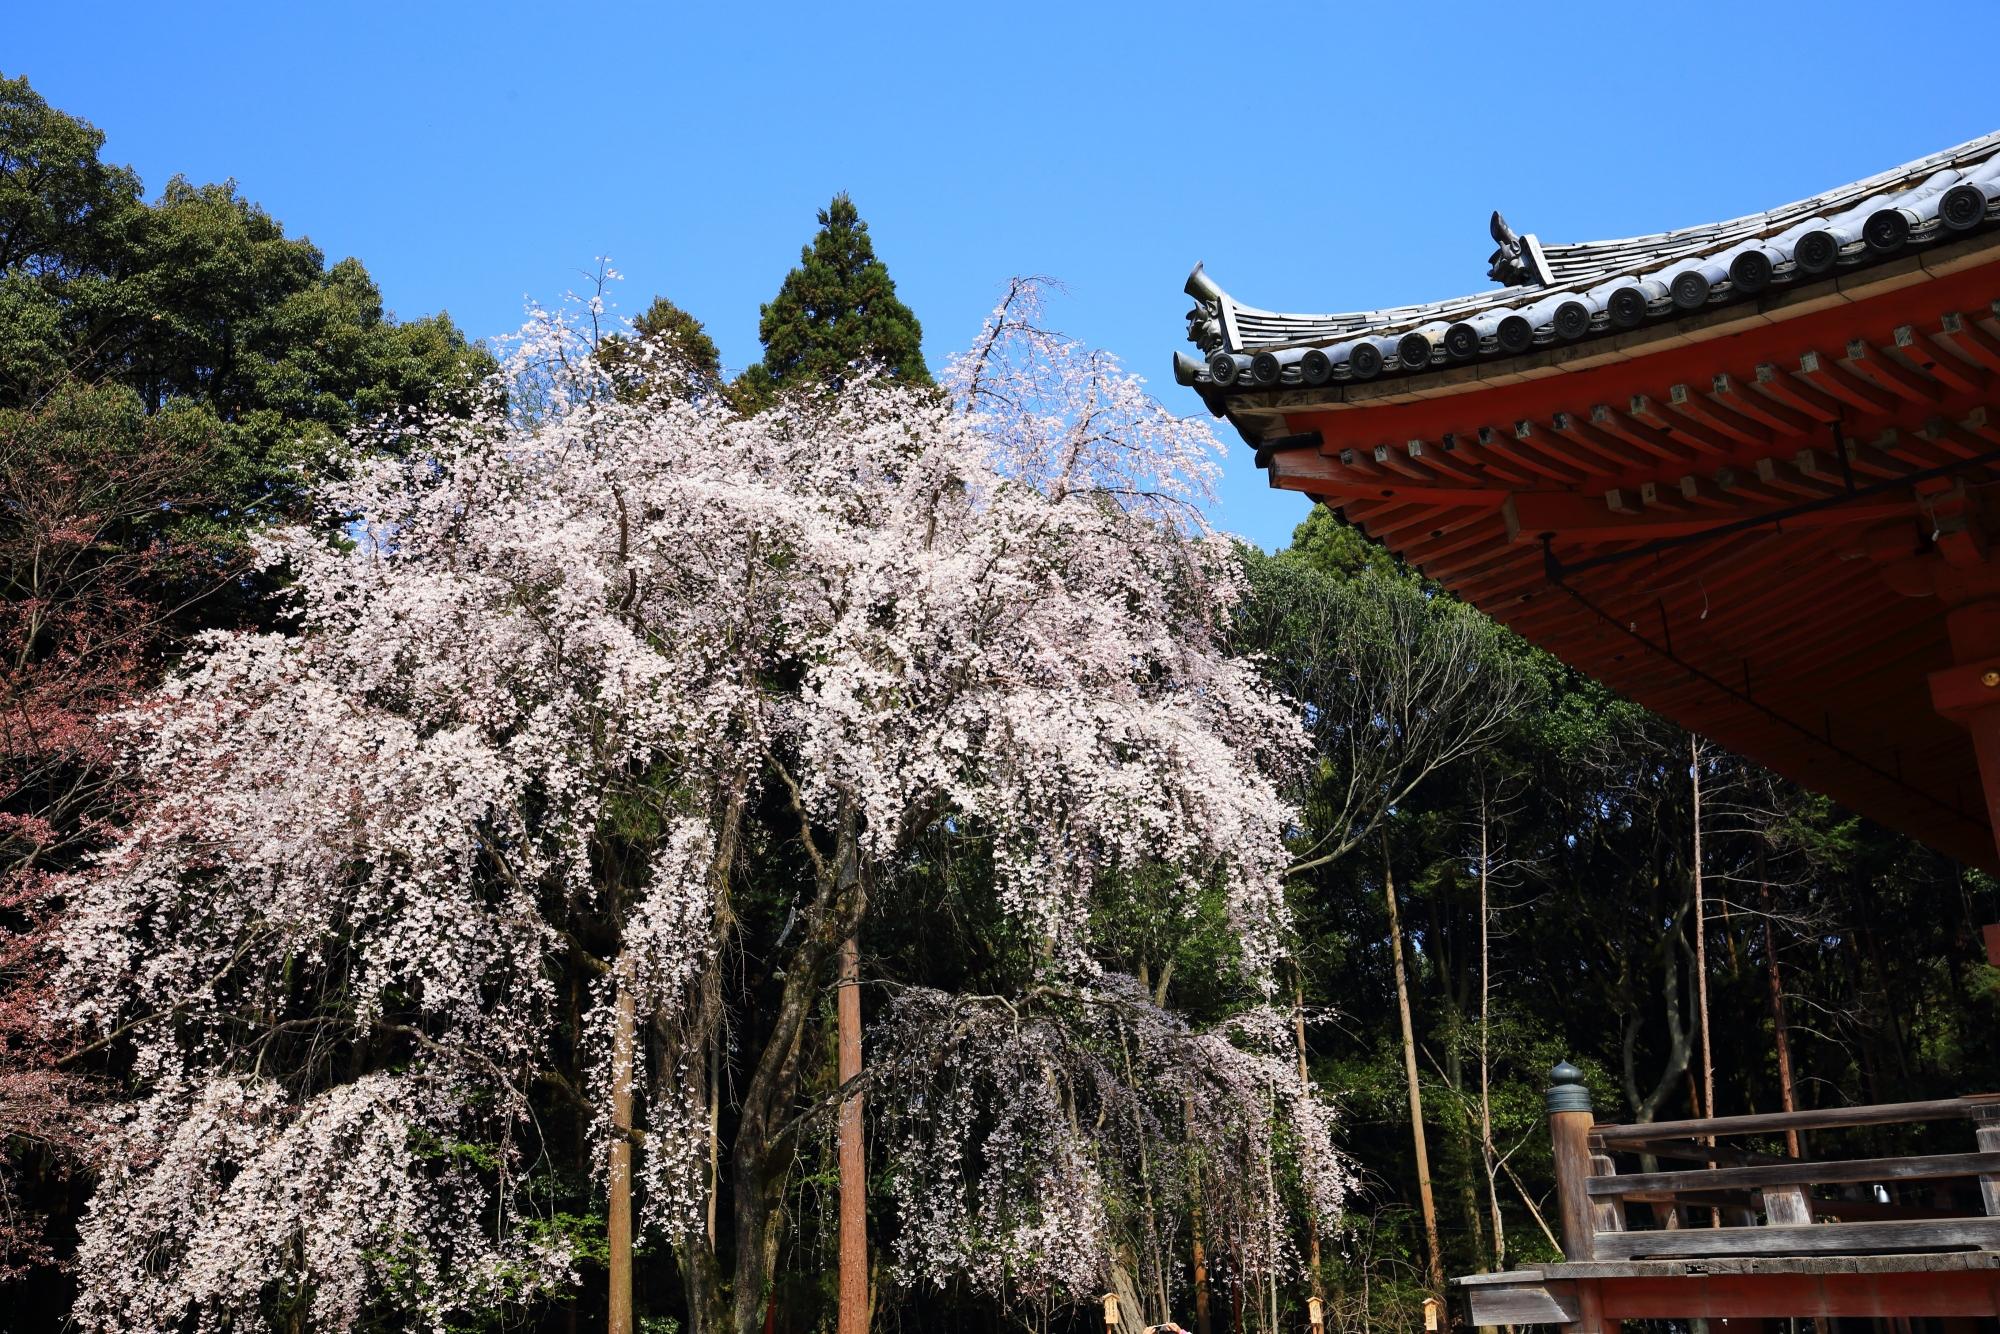 弾けんばかりに咲き誇る満開のしだれ桜と金堂